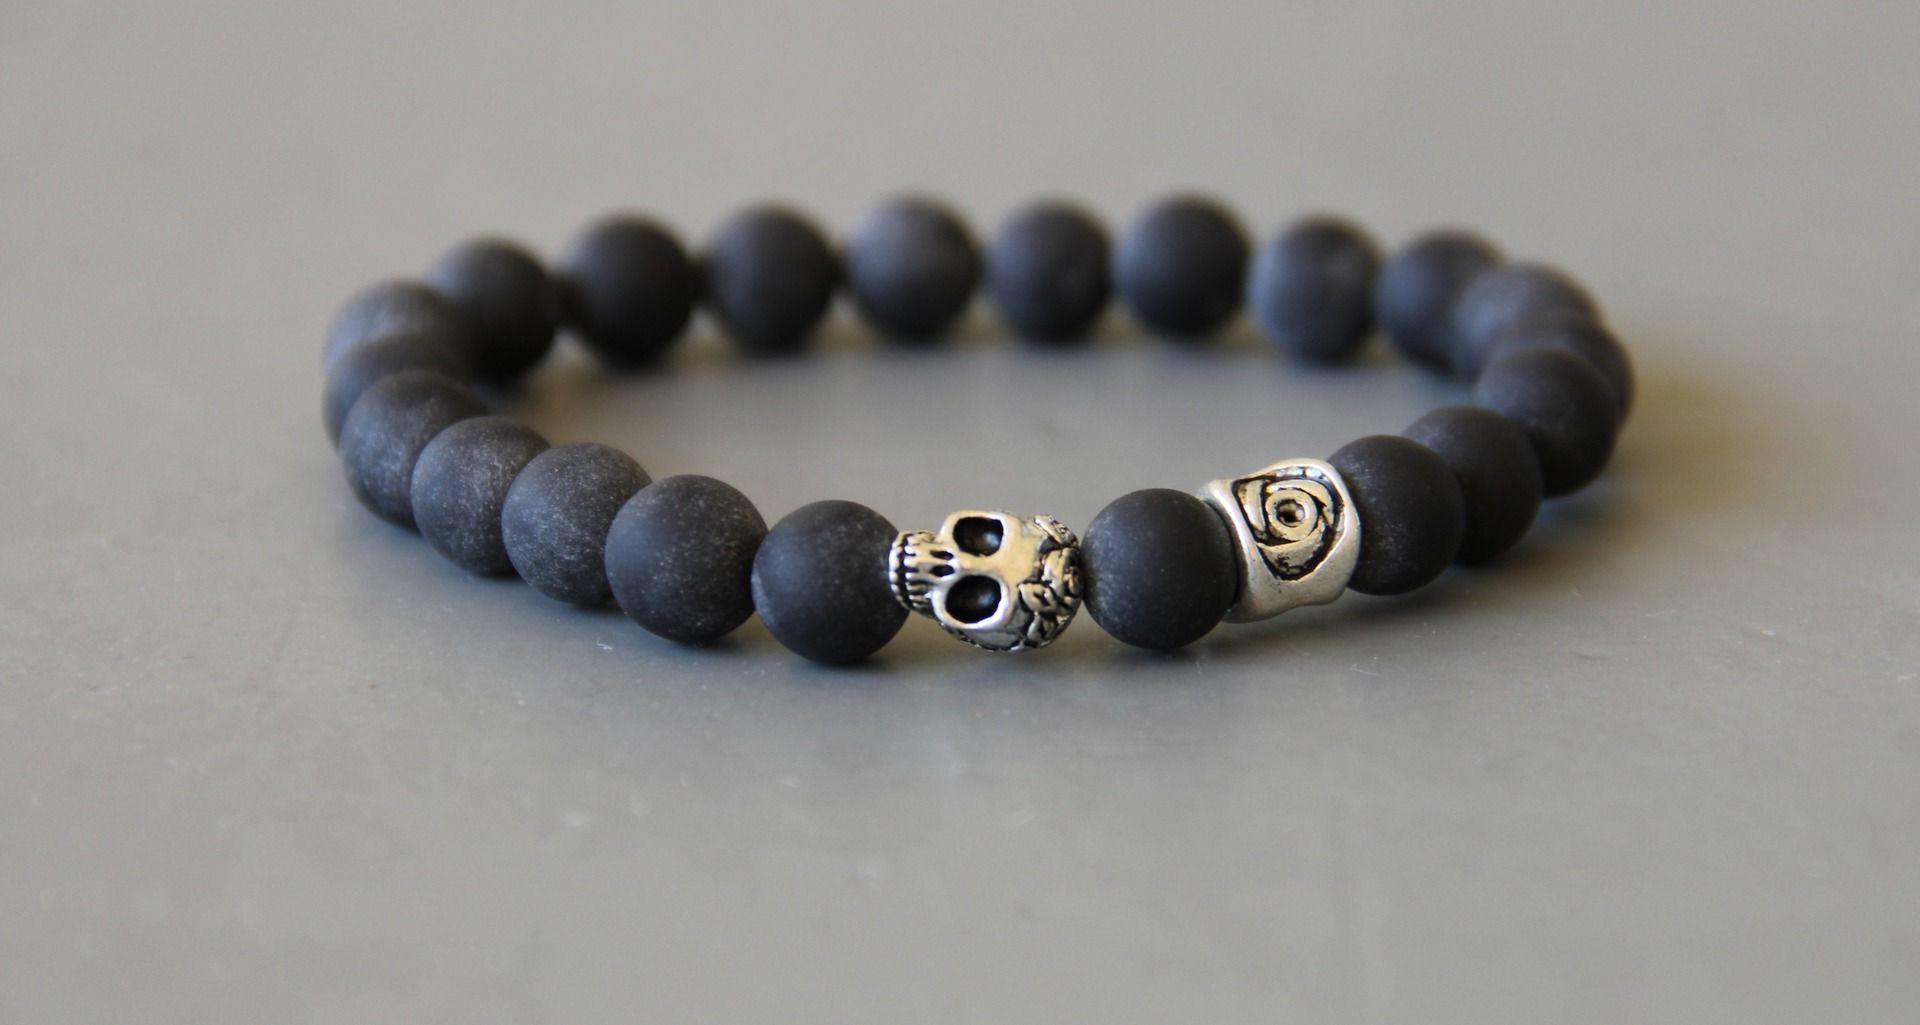 8 Mm Onyx Bracelet Bouddhisme Hommes Unisexe Bracelet méditation spiritualité Tibet Argent